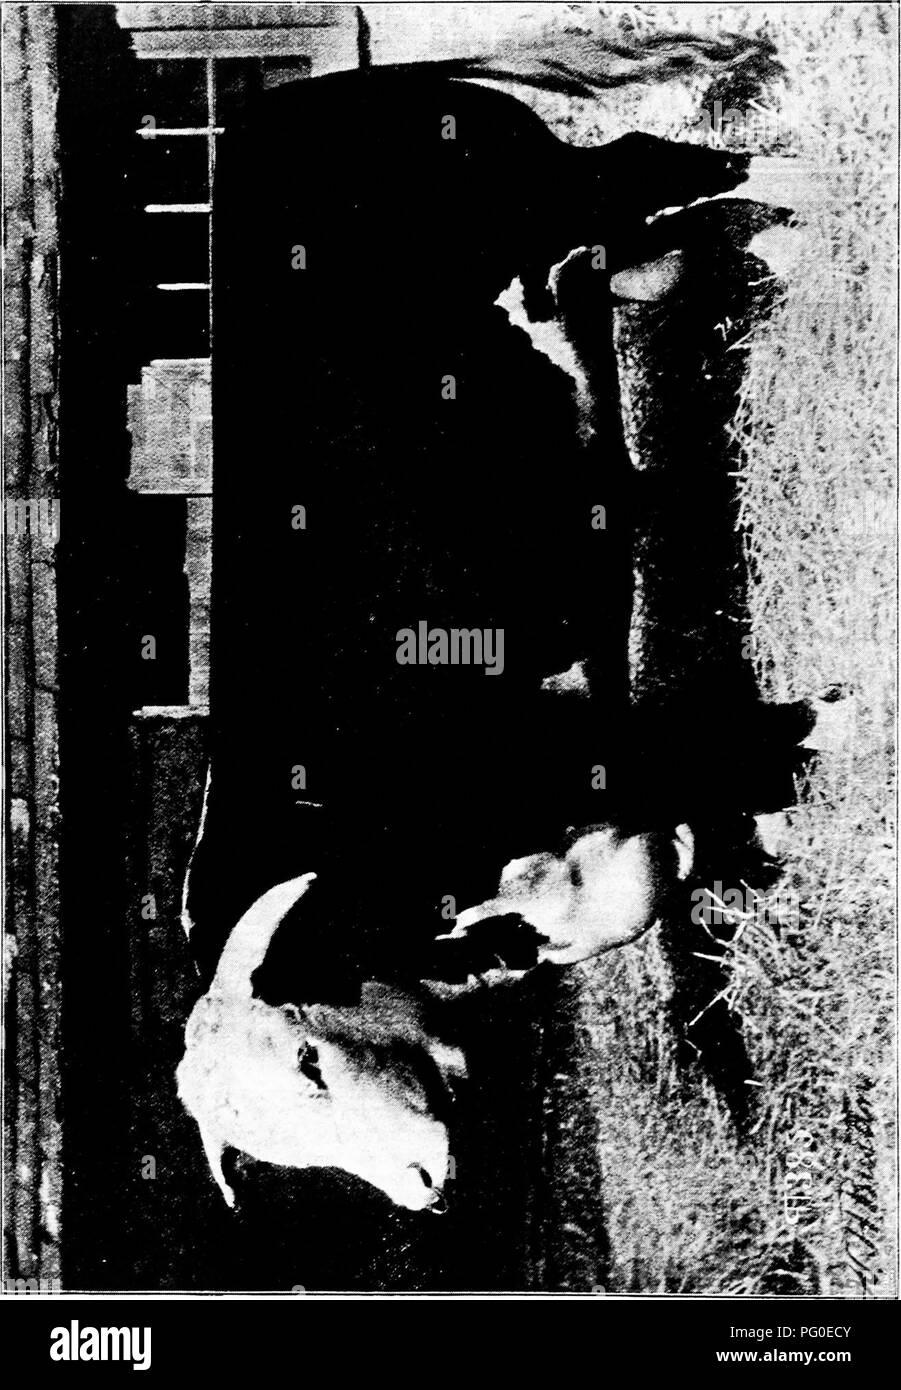 . Historia de ganado Hereford : probado concluyentemente la más antigua de las razas mejoradas . El ganado Hereford. . Por favor tenga en cuenta que estas imágenes son extraídas de la página escaneada imágenes que podrían haber sido mejoradas digitalmente para mejorar la legibilidad, la coloración y el aspecto de estas ilustraciones pueden no parecerse perfectamente a la obra original. Miller, T. L. (Timothy Lathrop), 1817-1900; Sotham, Wm. H. (William H. ). Chilicothe, Misurí : T. F. B. Sotham Foto de stock